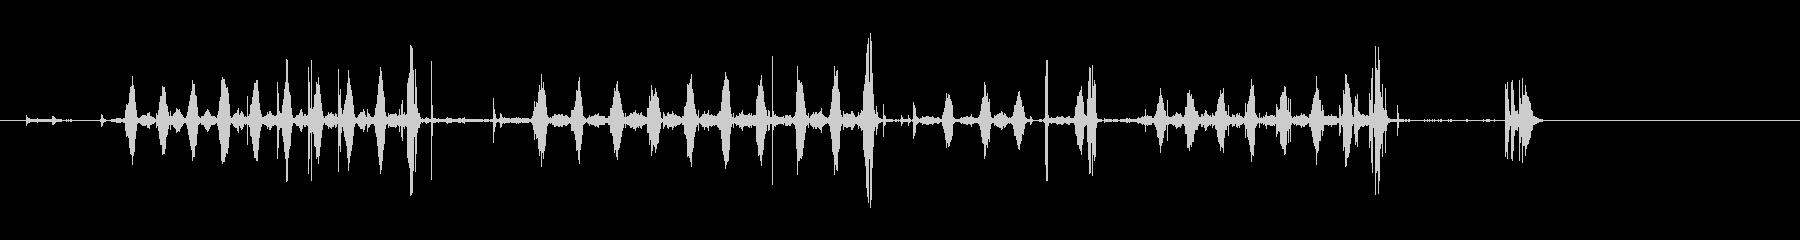 のこぎり、手鋸の未再生の波形